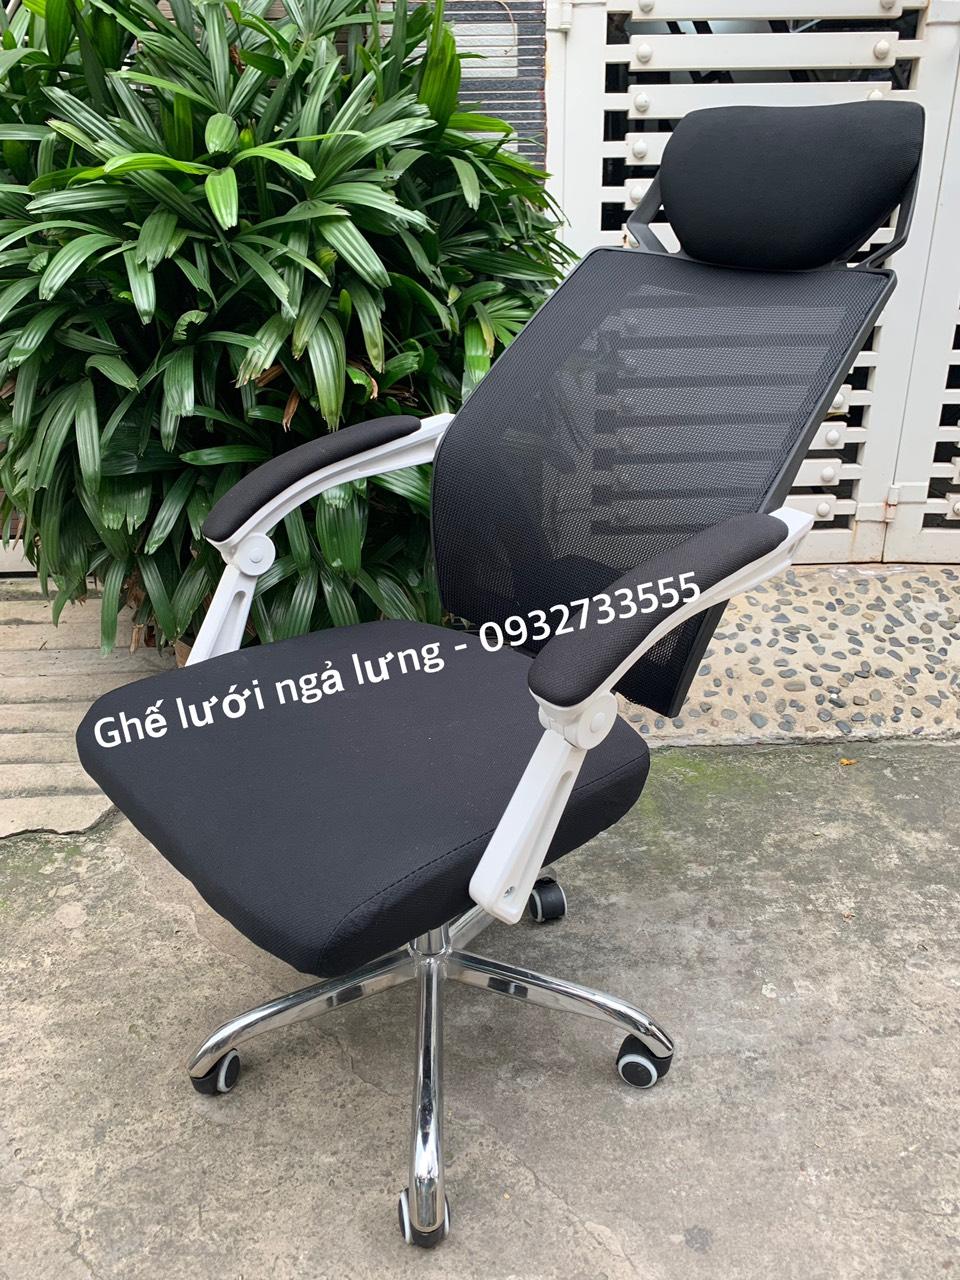 Ghế văn phòng lưng lưới ngả nằm thư giãn : KG – B202